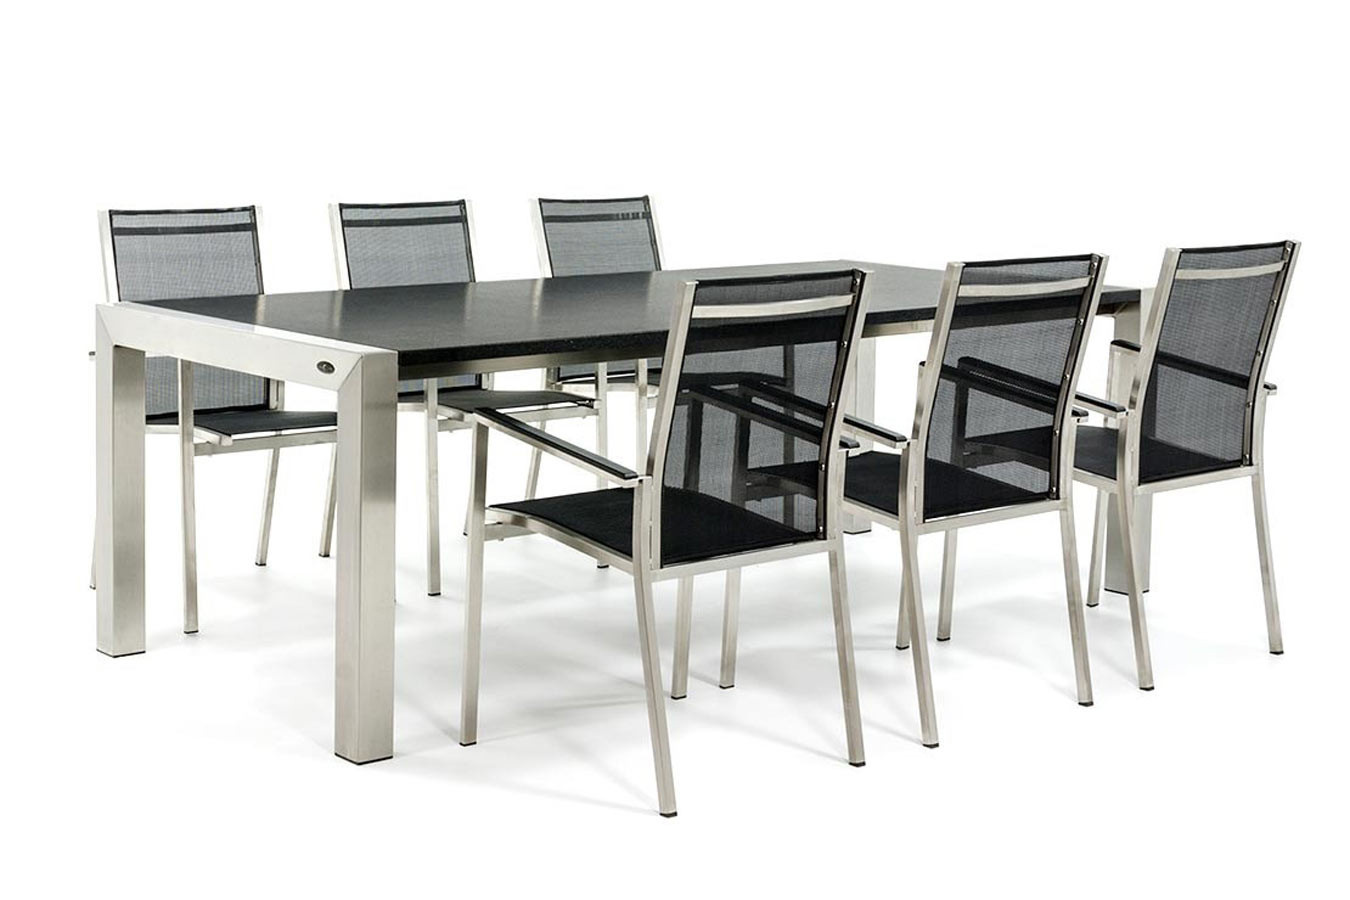 Granit Gartentisch mit Gartenstühlen aus Edelstahl